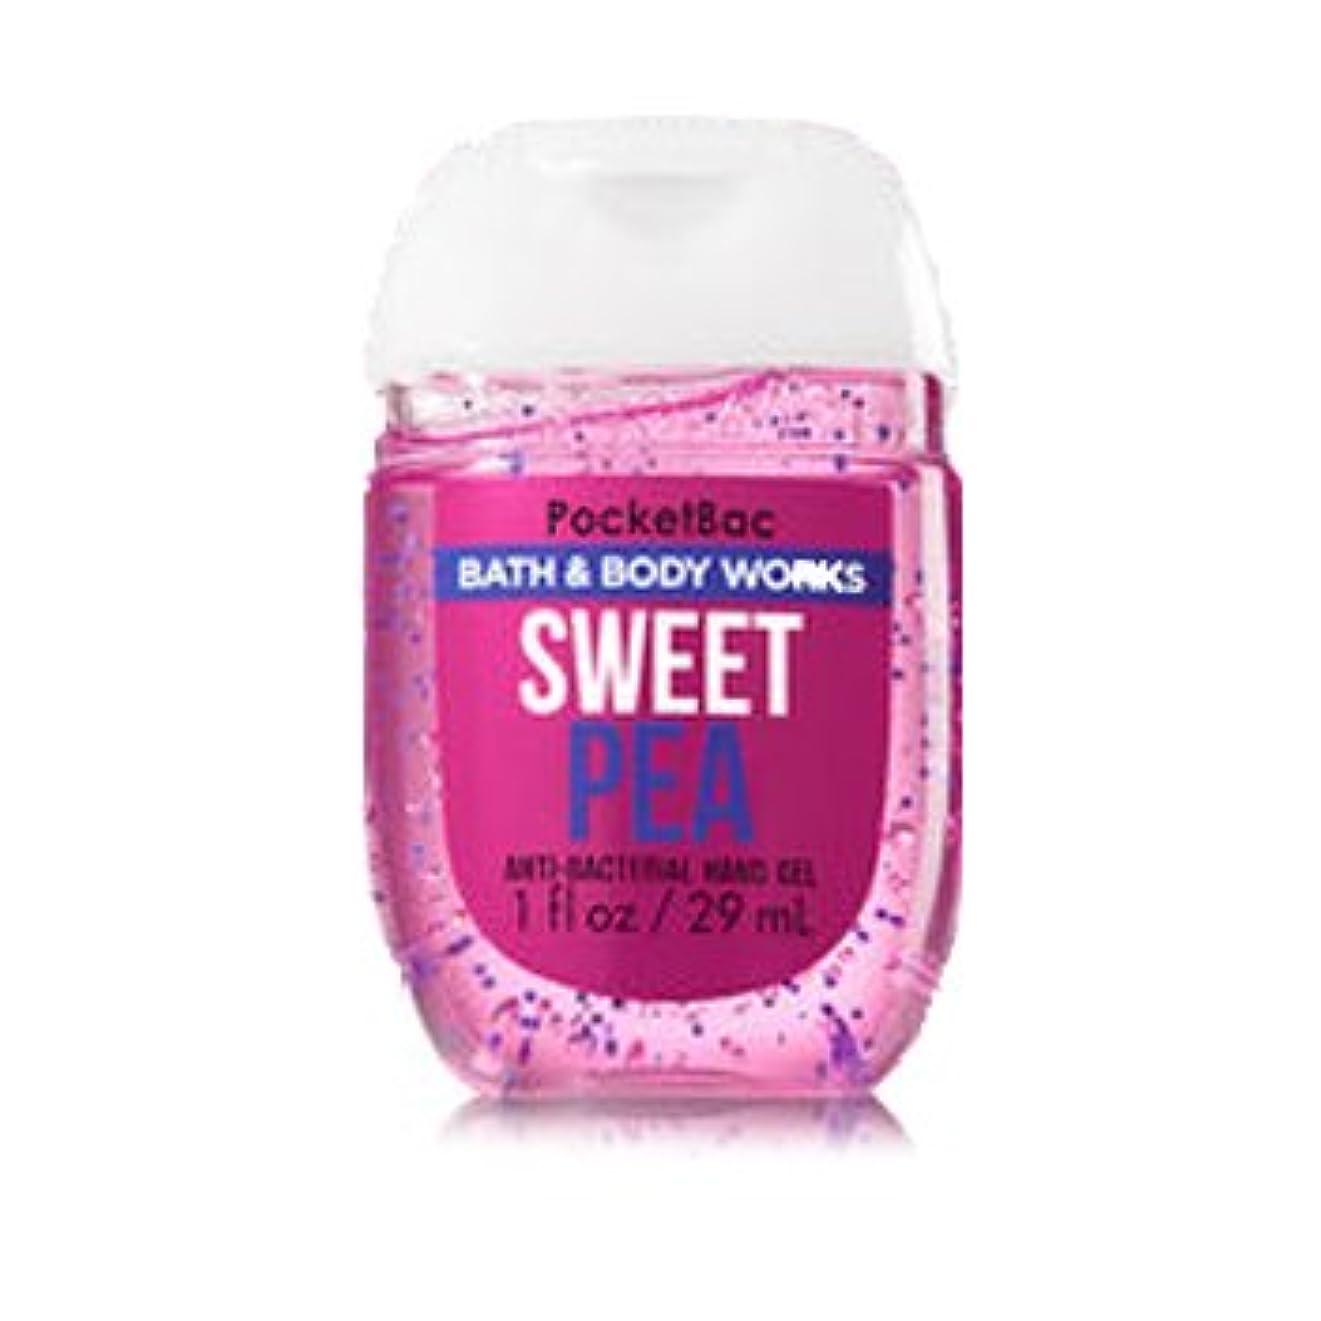 扱うありふれた認可バス&ボディワークス ハンドジェル 29ml スウィートピー Bath&Body Works Anti-Bacterial PocketBac Sanitizing Hand Gel Sweet Pea [並行輸入品]